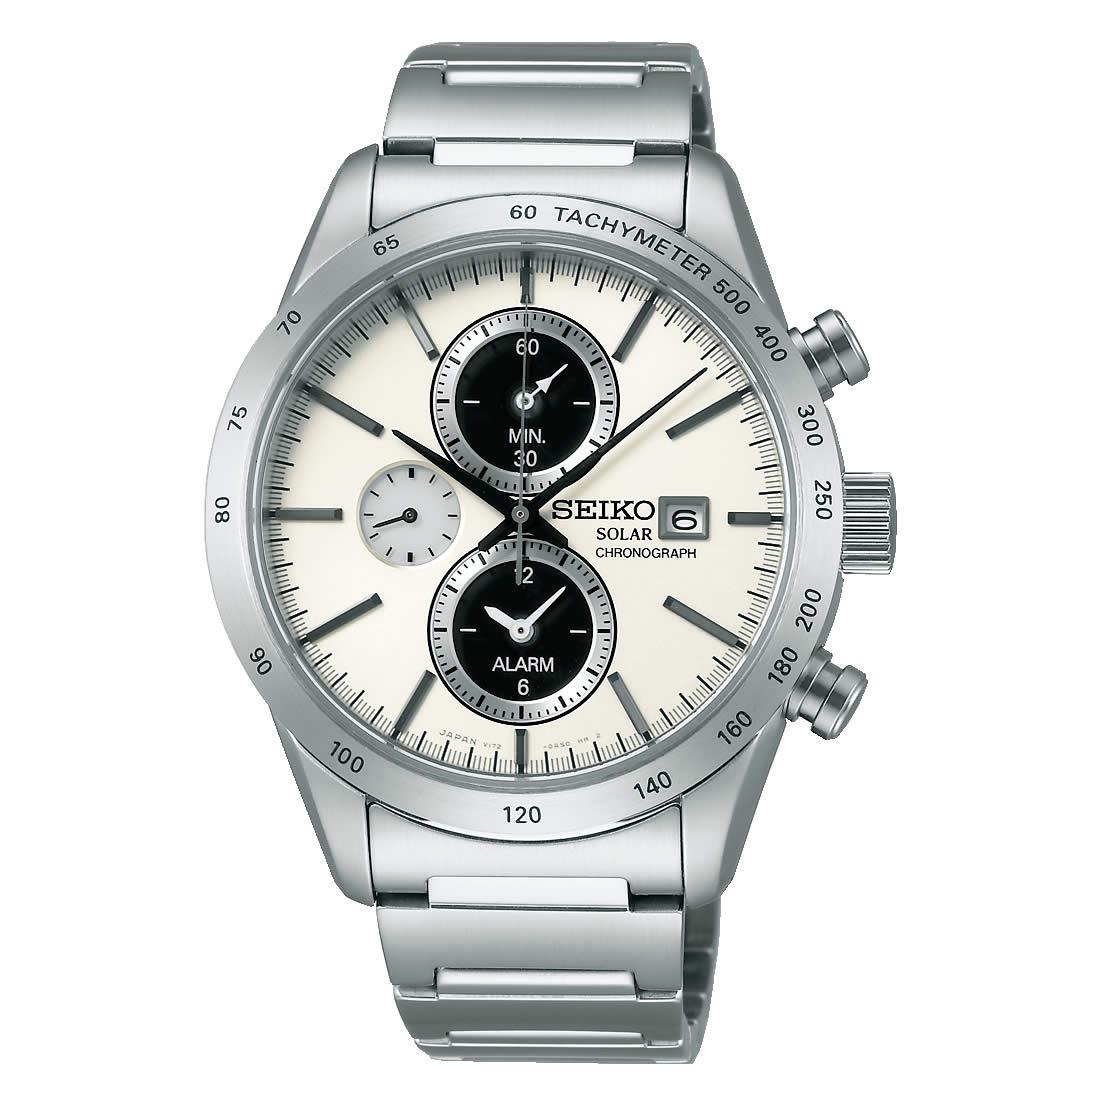 【送料無料】【国内正規品】セイコー スピリット SEIKO SPIRIT 腕時計 ソーラー クロノグラフ メンズ SBPY113 100M 10気圧防水 ビジネス シンプル ソーラー腕時計 きれいめ 人気 うでどけい とけい WATCH 時計【取り寄せ】